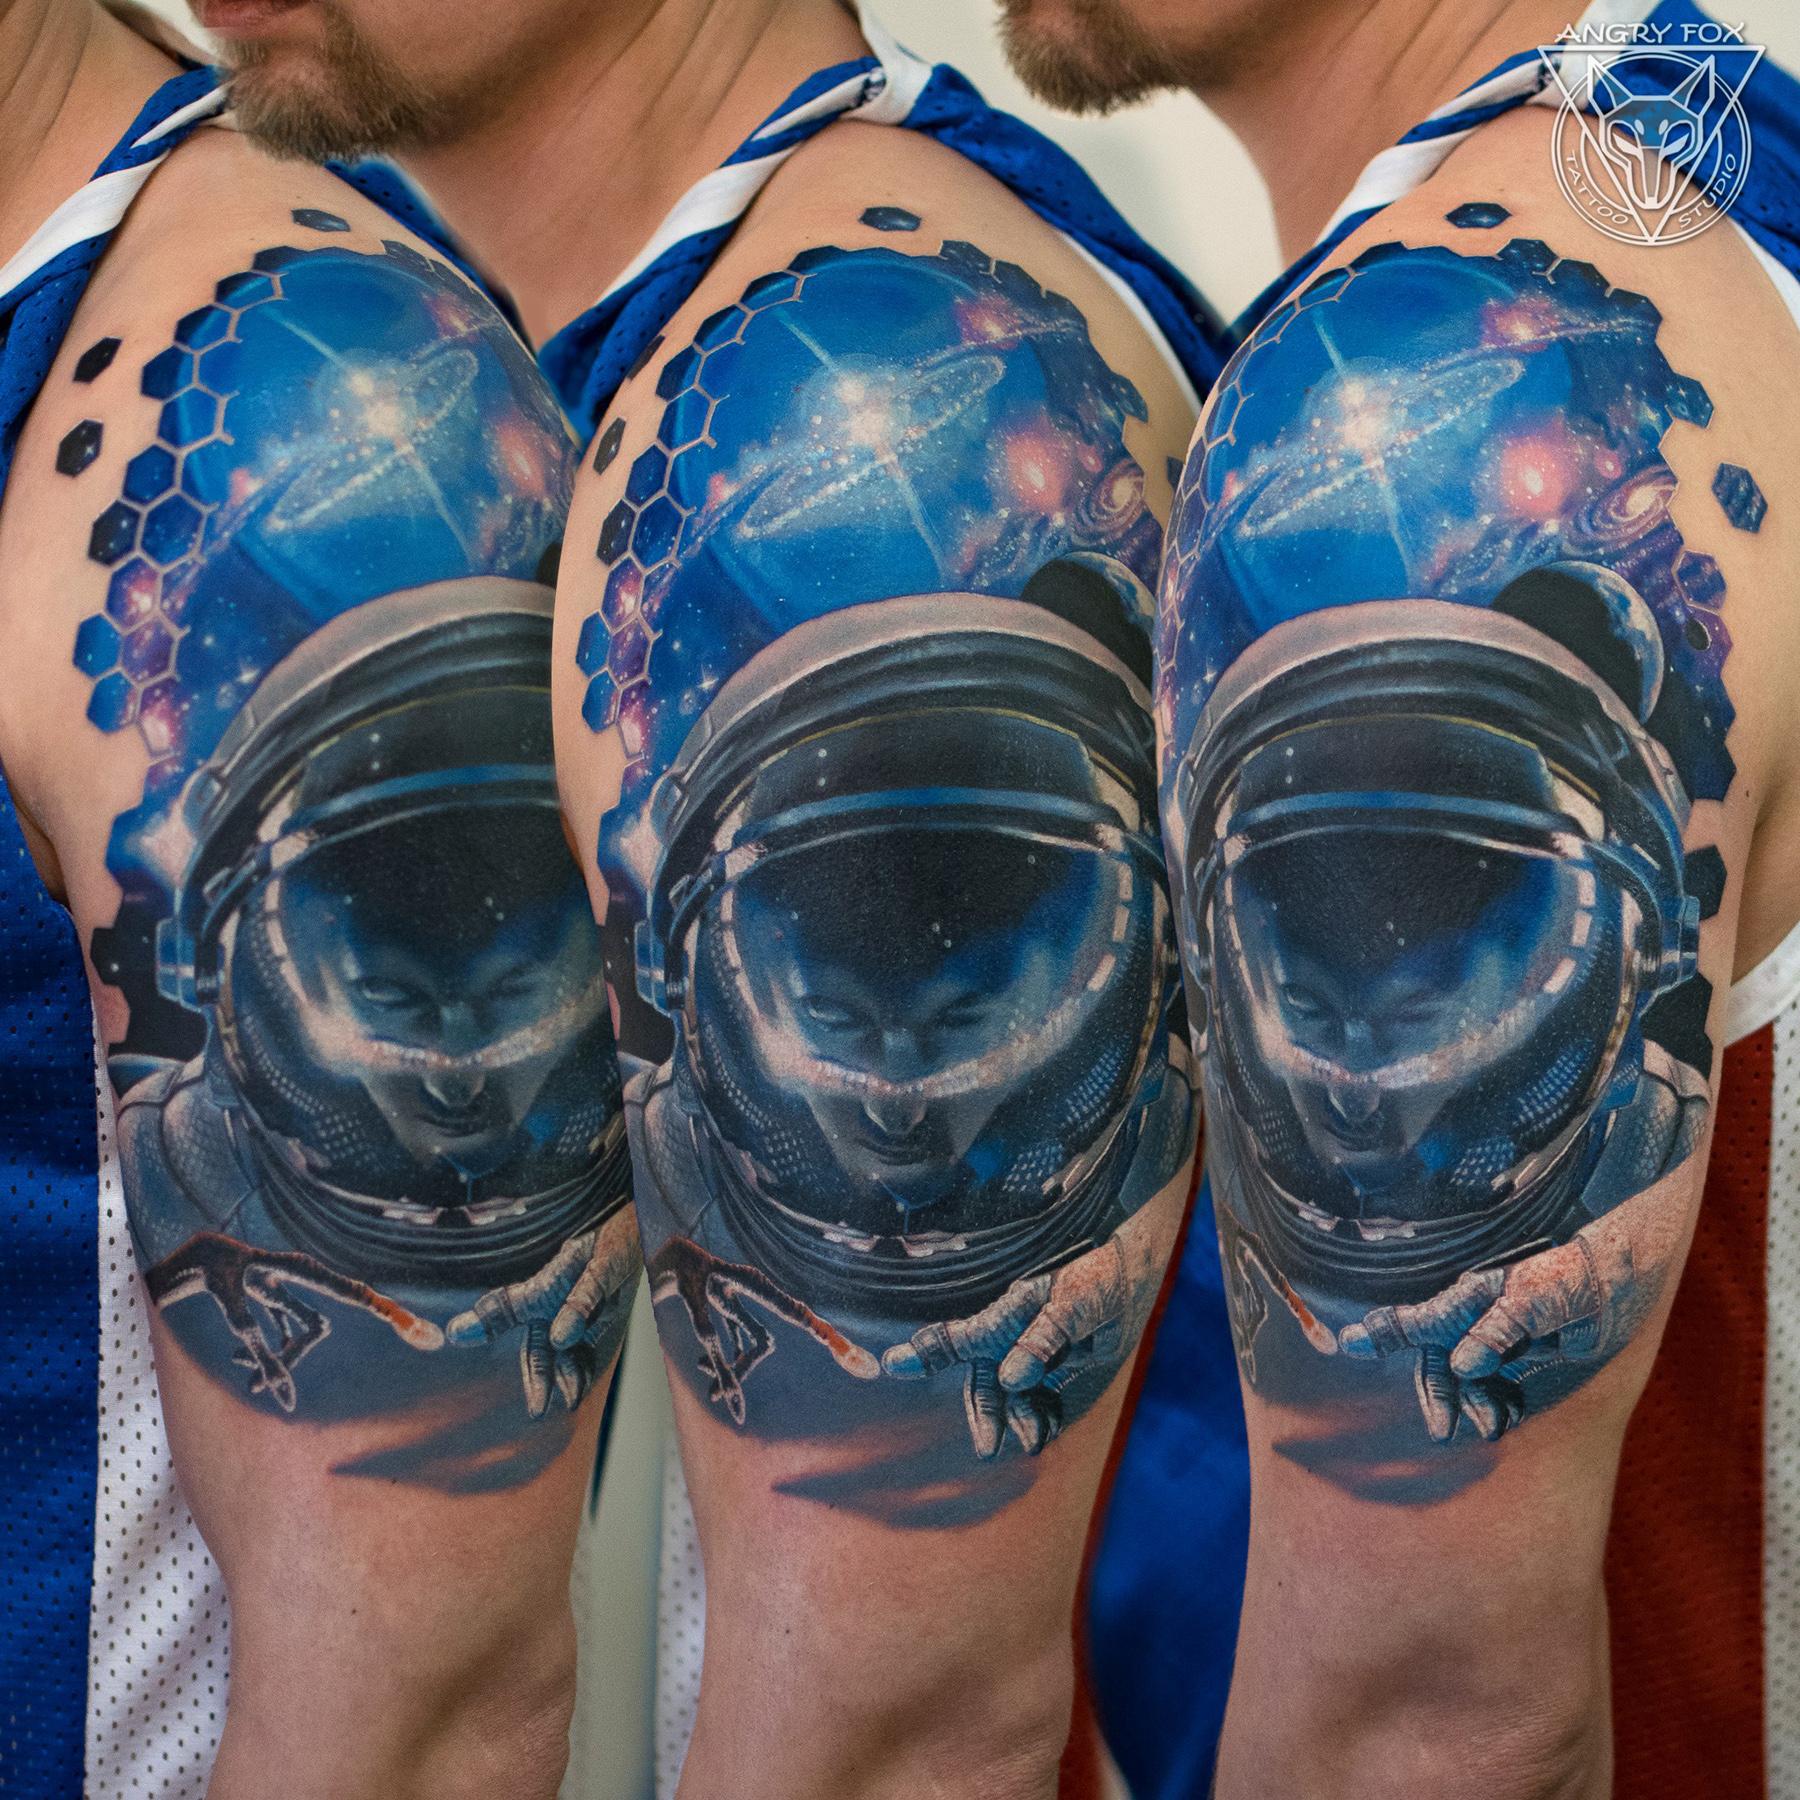 Татуировка, тату, мужчина, реализм, рука, плечо, космонавт, инопланетянин, космос, планеты, звезда, галактика